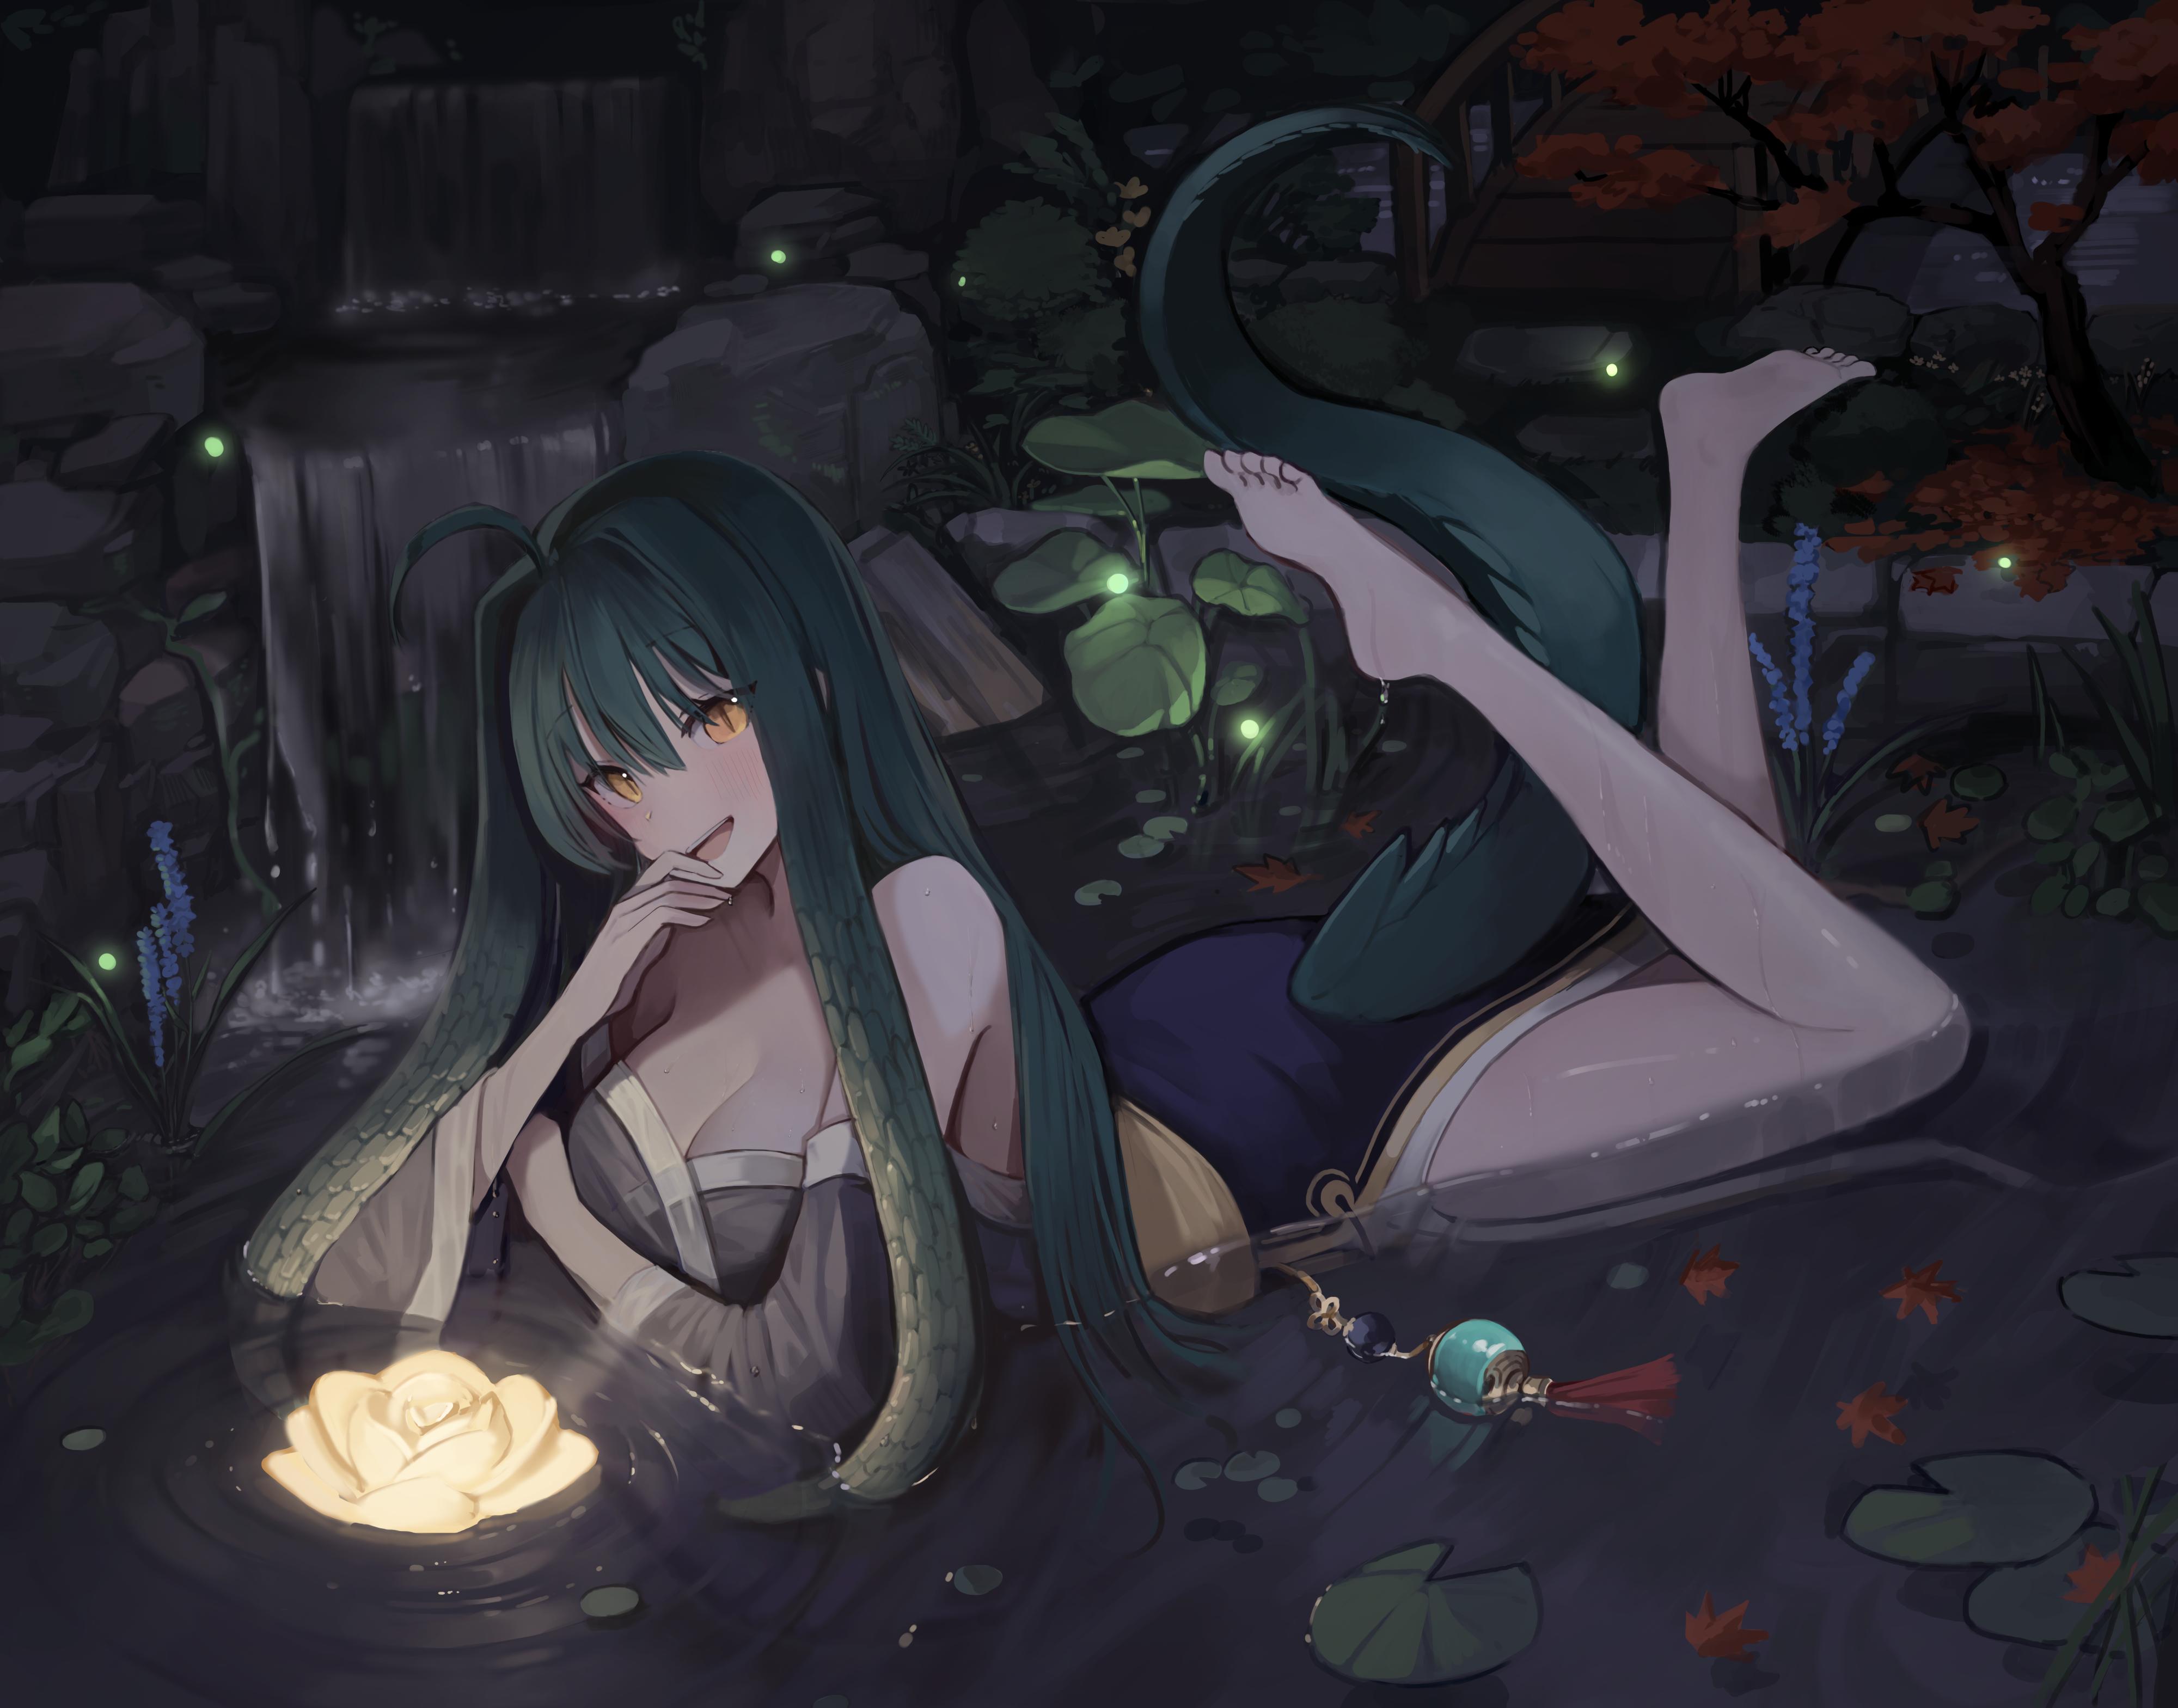 Anime Anime Girls Digital Art Artwork 2D Portrait Seorang Monster Girl Animal Eyes Tail Water Flower 4000x3137